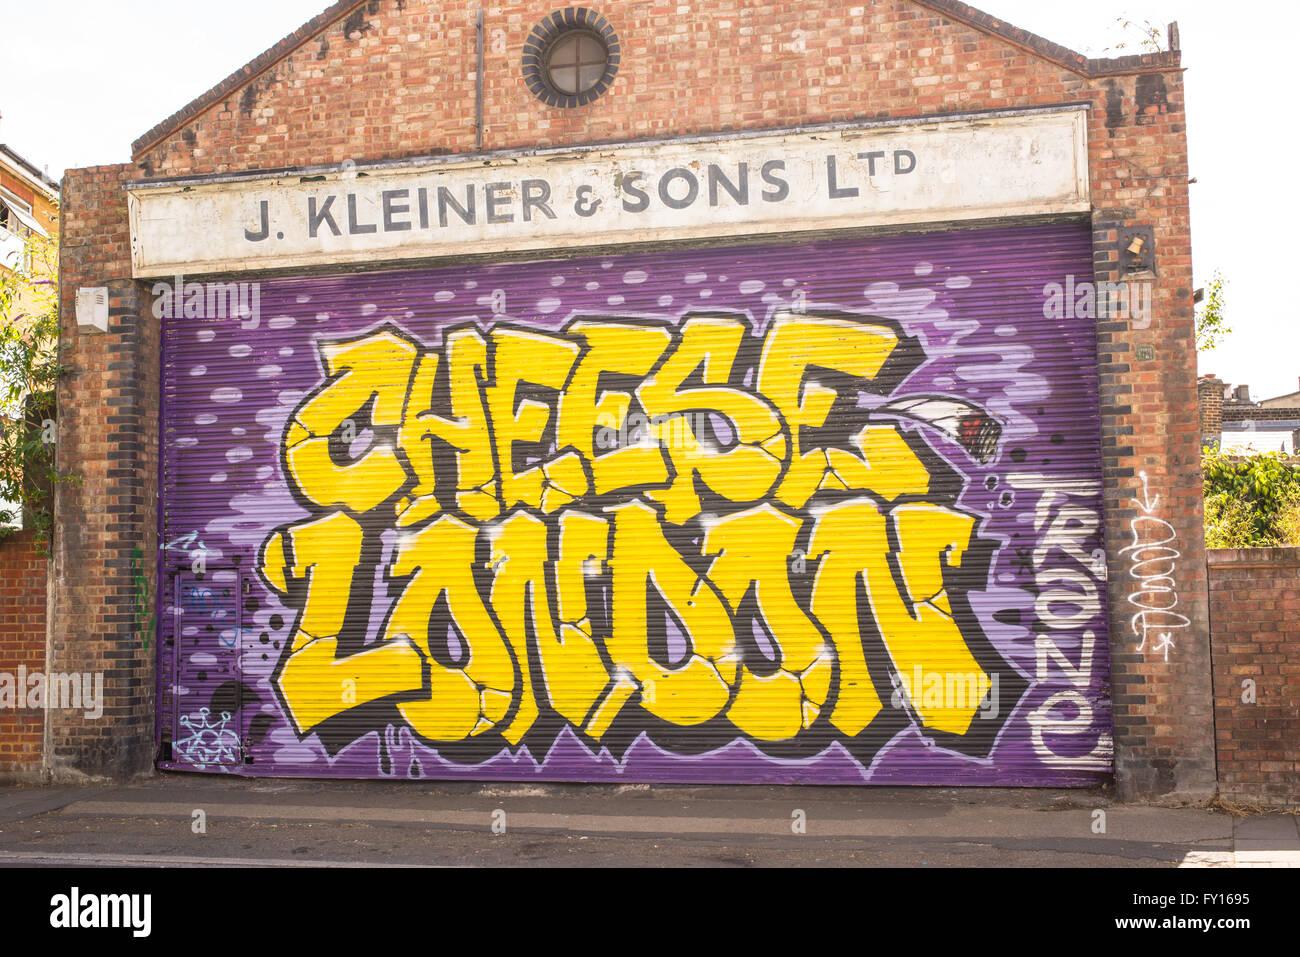 the garage doorStreet art mural on the garage door of an old brick building with